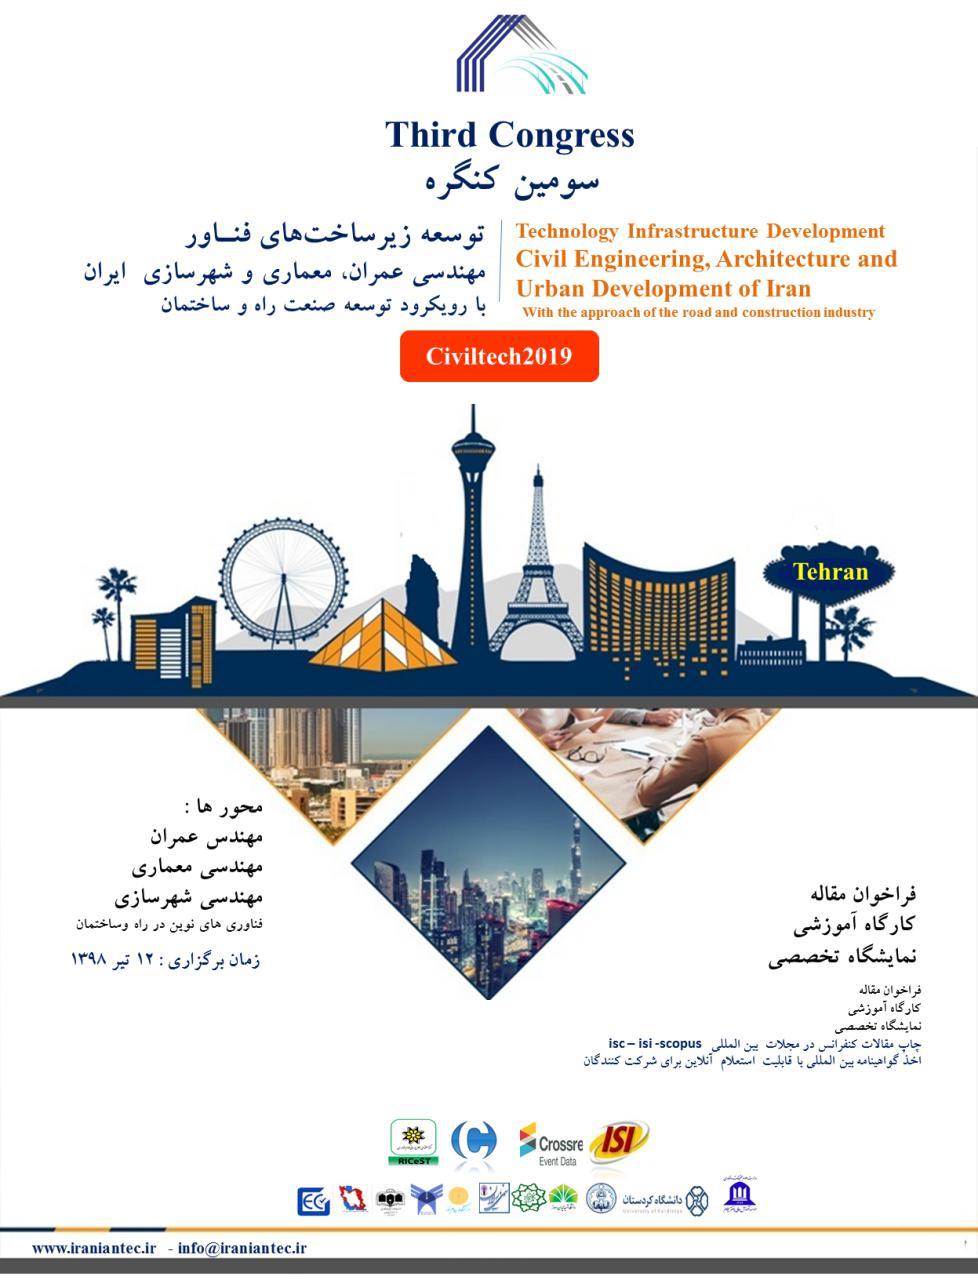 سومین کنگره توسعه زیرساختهای فناور مهندسی عمران، معماری و شهرسازی ایران